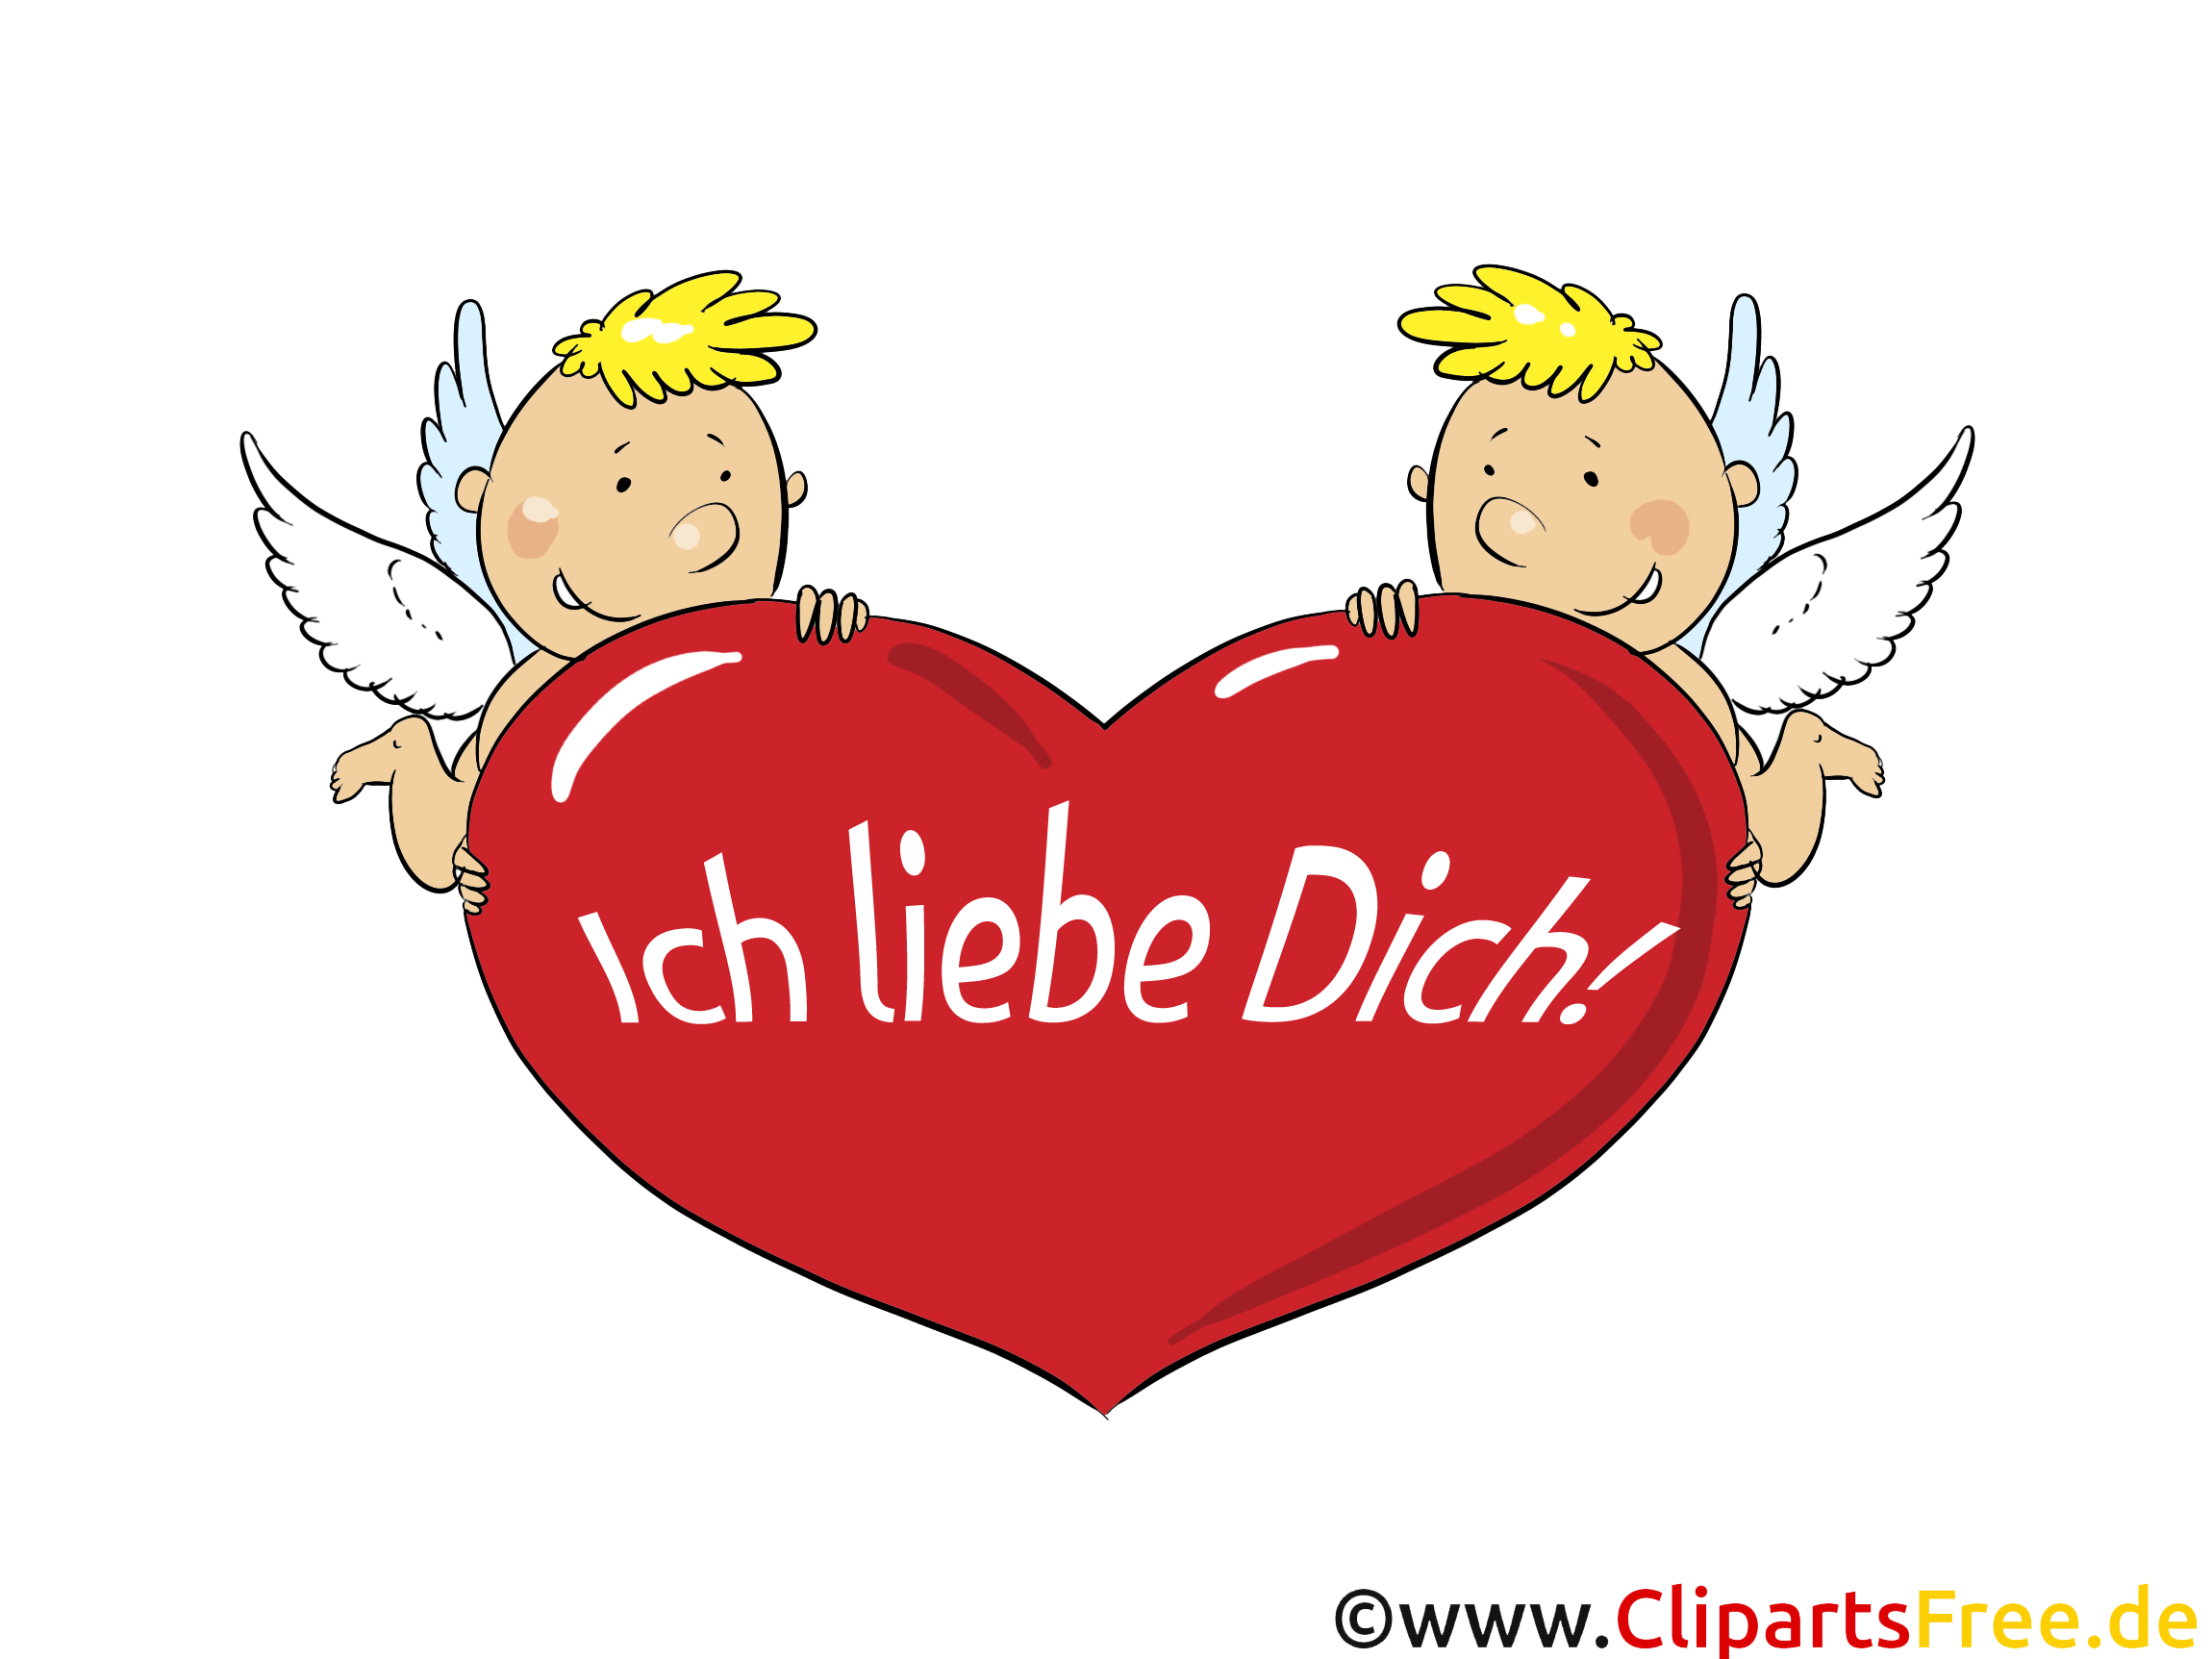 Ich liebe dich Grusskarte, Clipart, GB Bild, Grafik, Cartoon